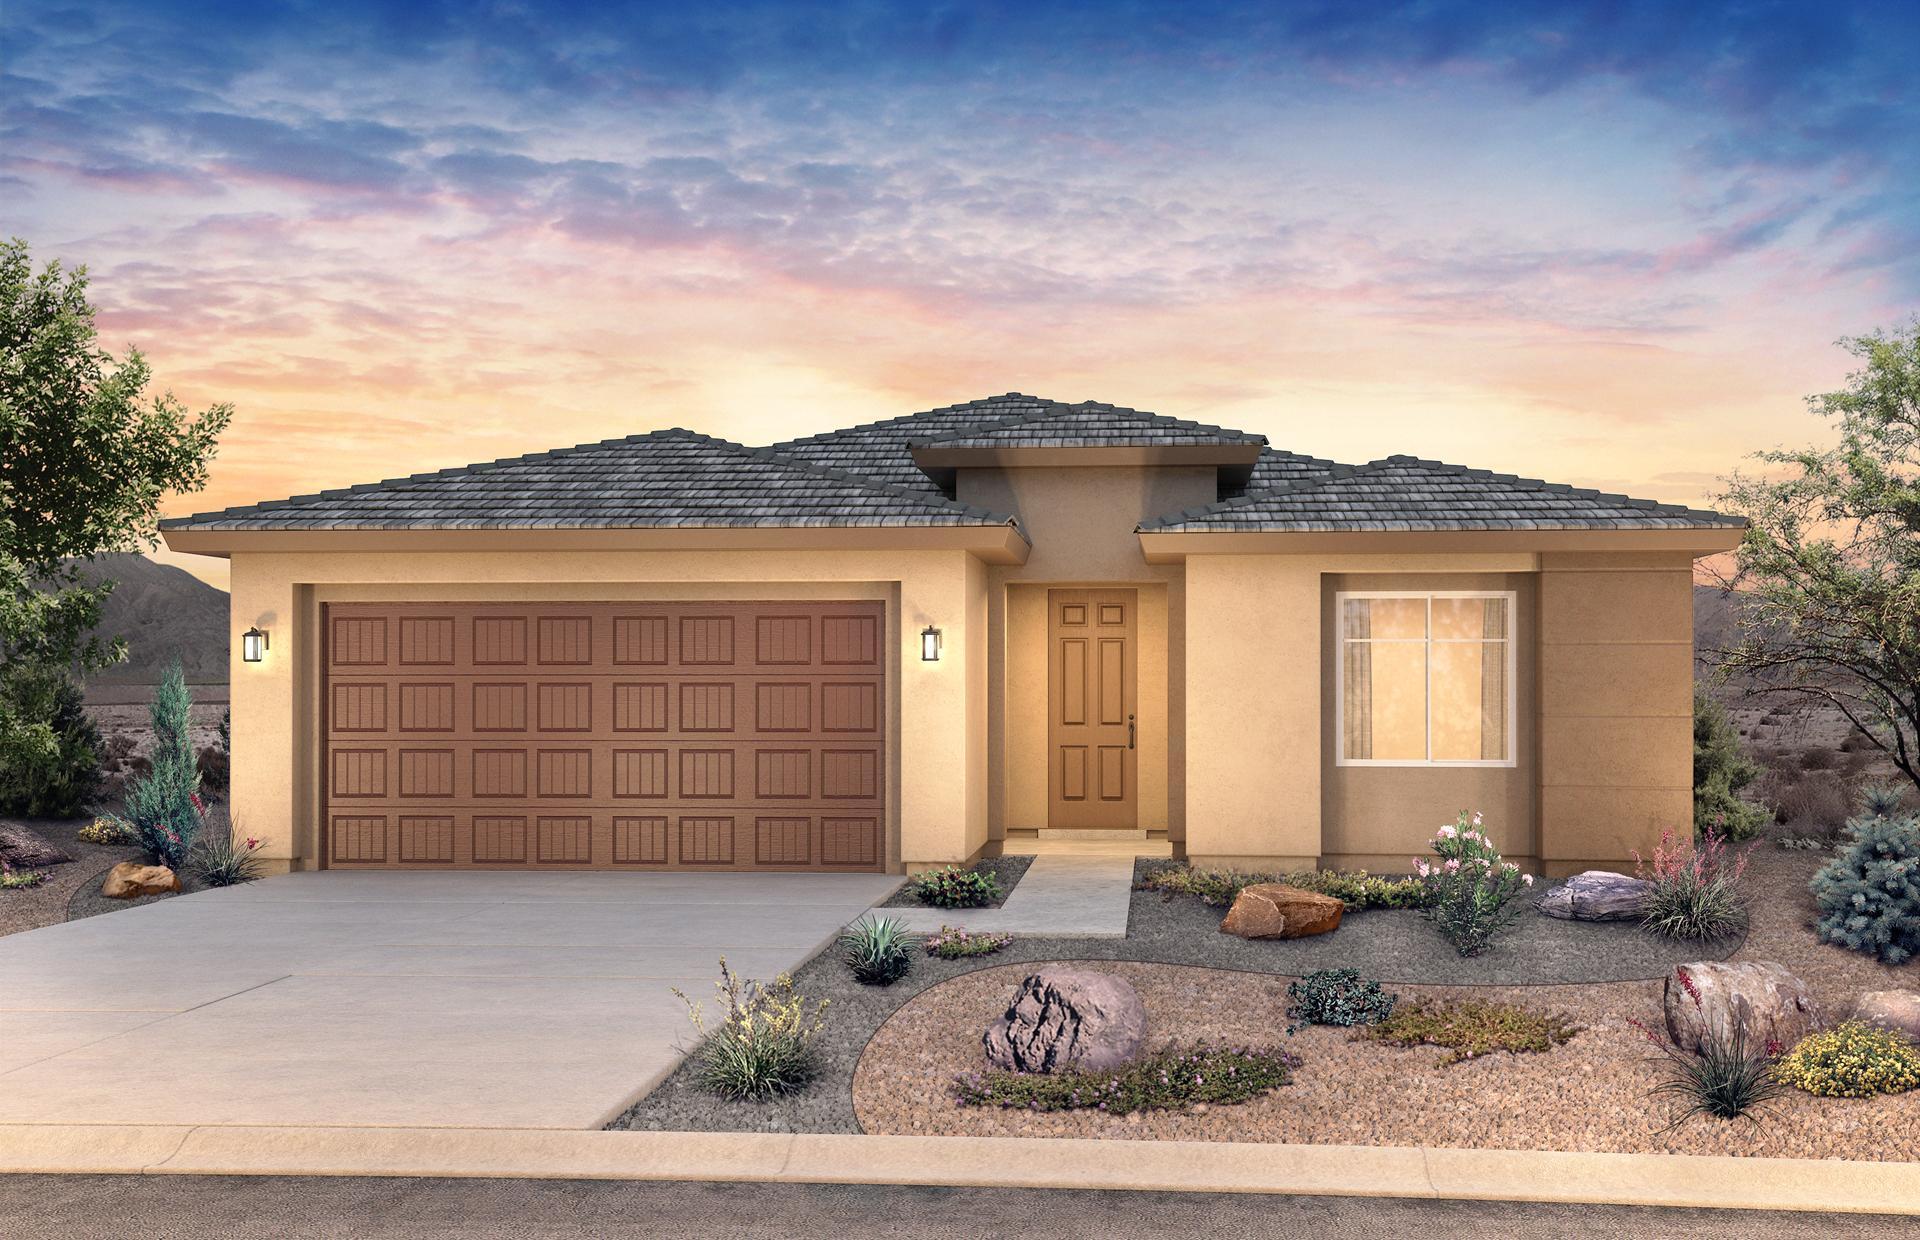 11440 Manzano Vista Avenue SE Property Photo - Albuquerque, NM real estate listing